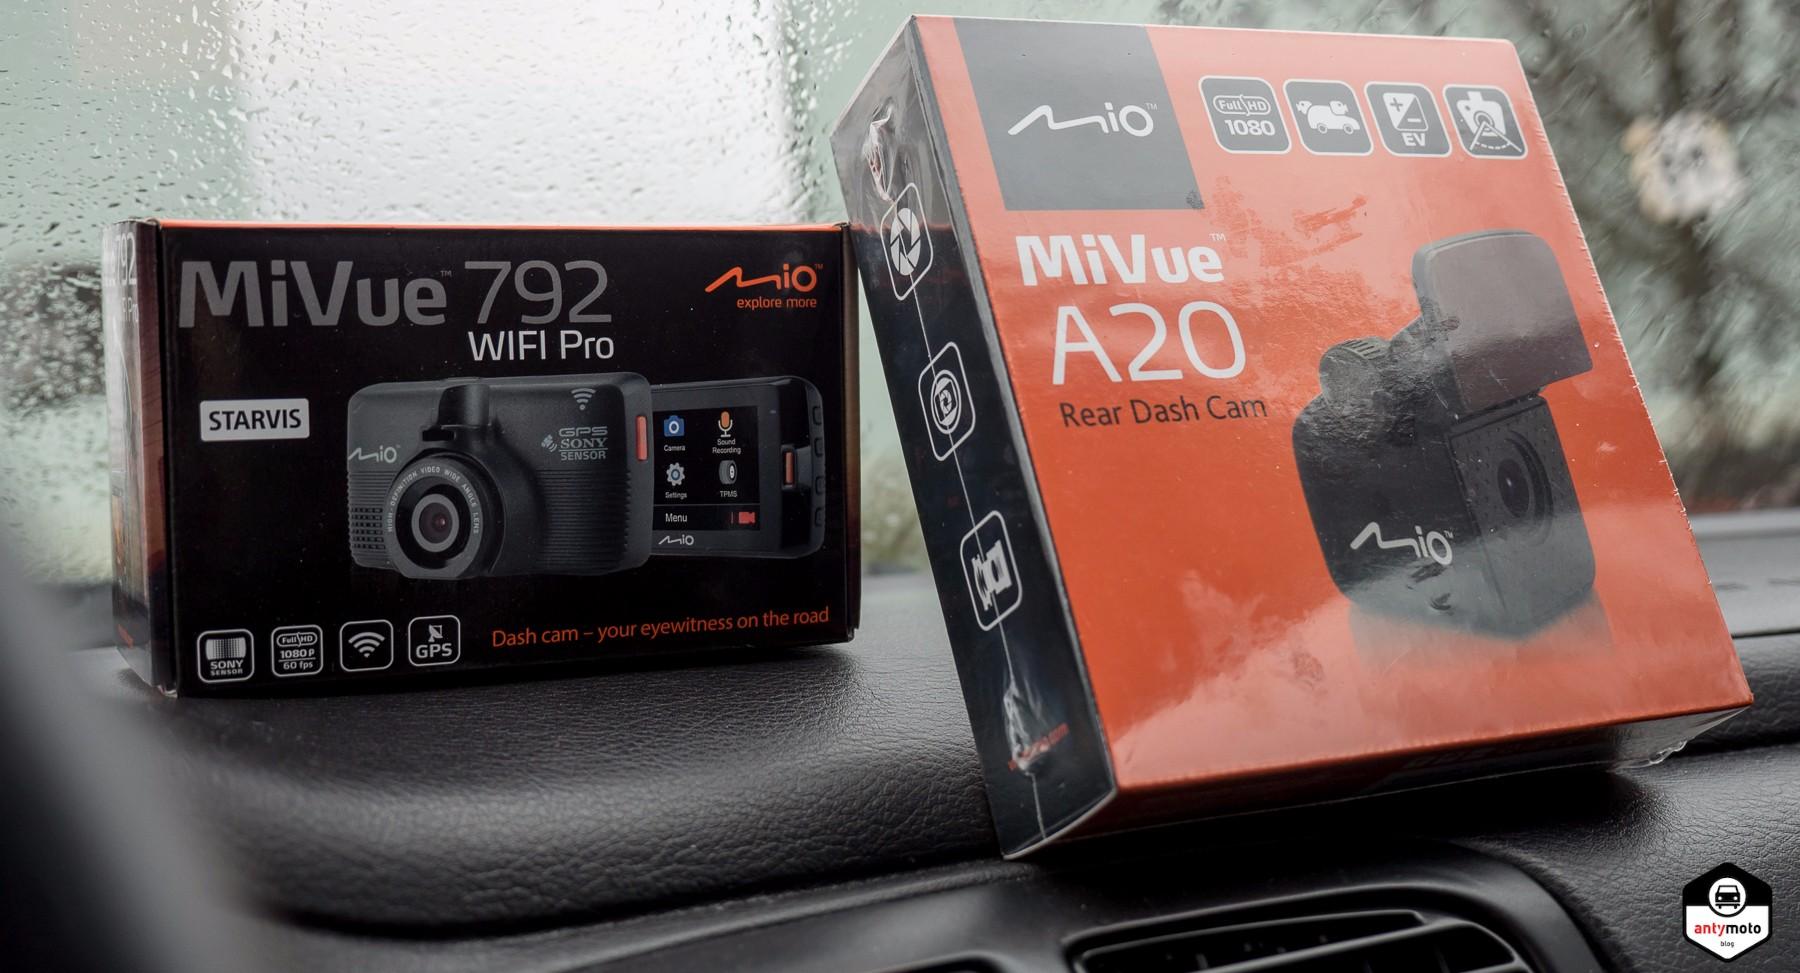 Test wideorejestratora Mio MiVue 792 WIFI Pro